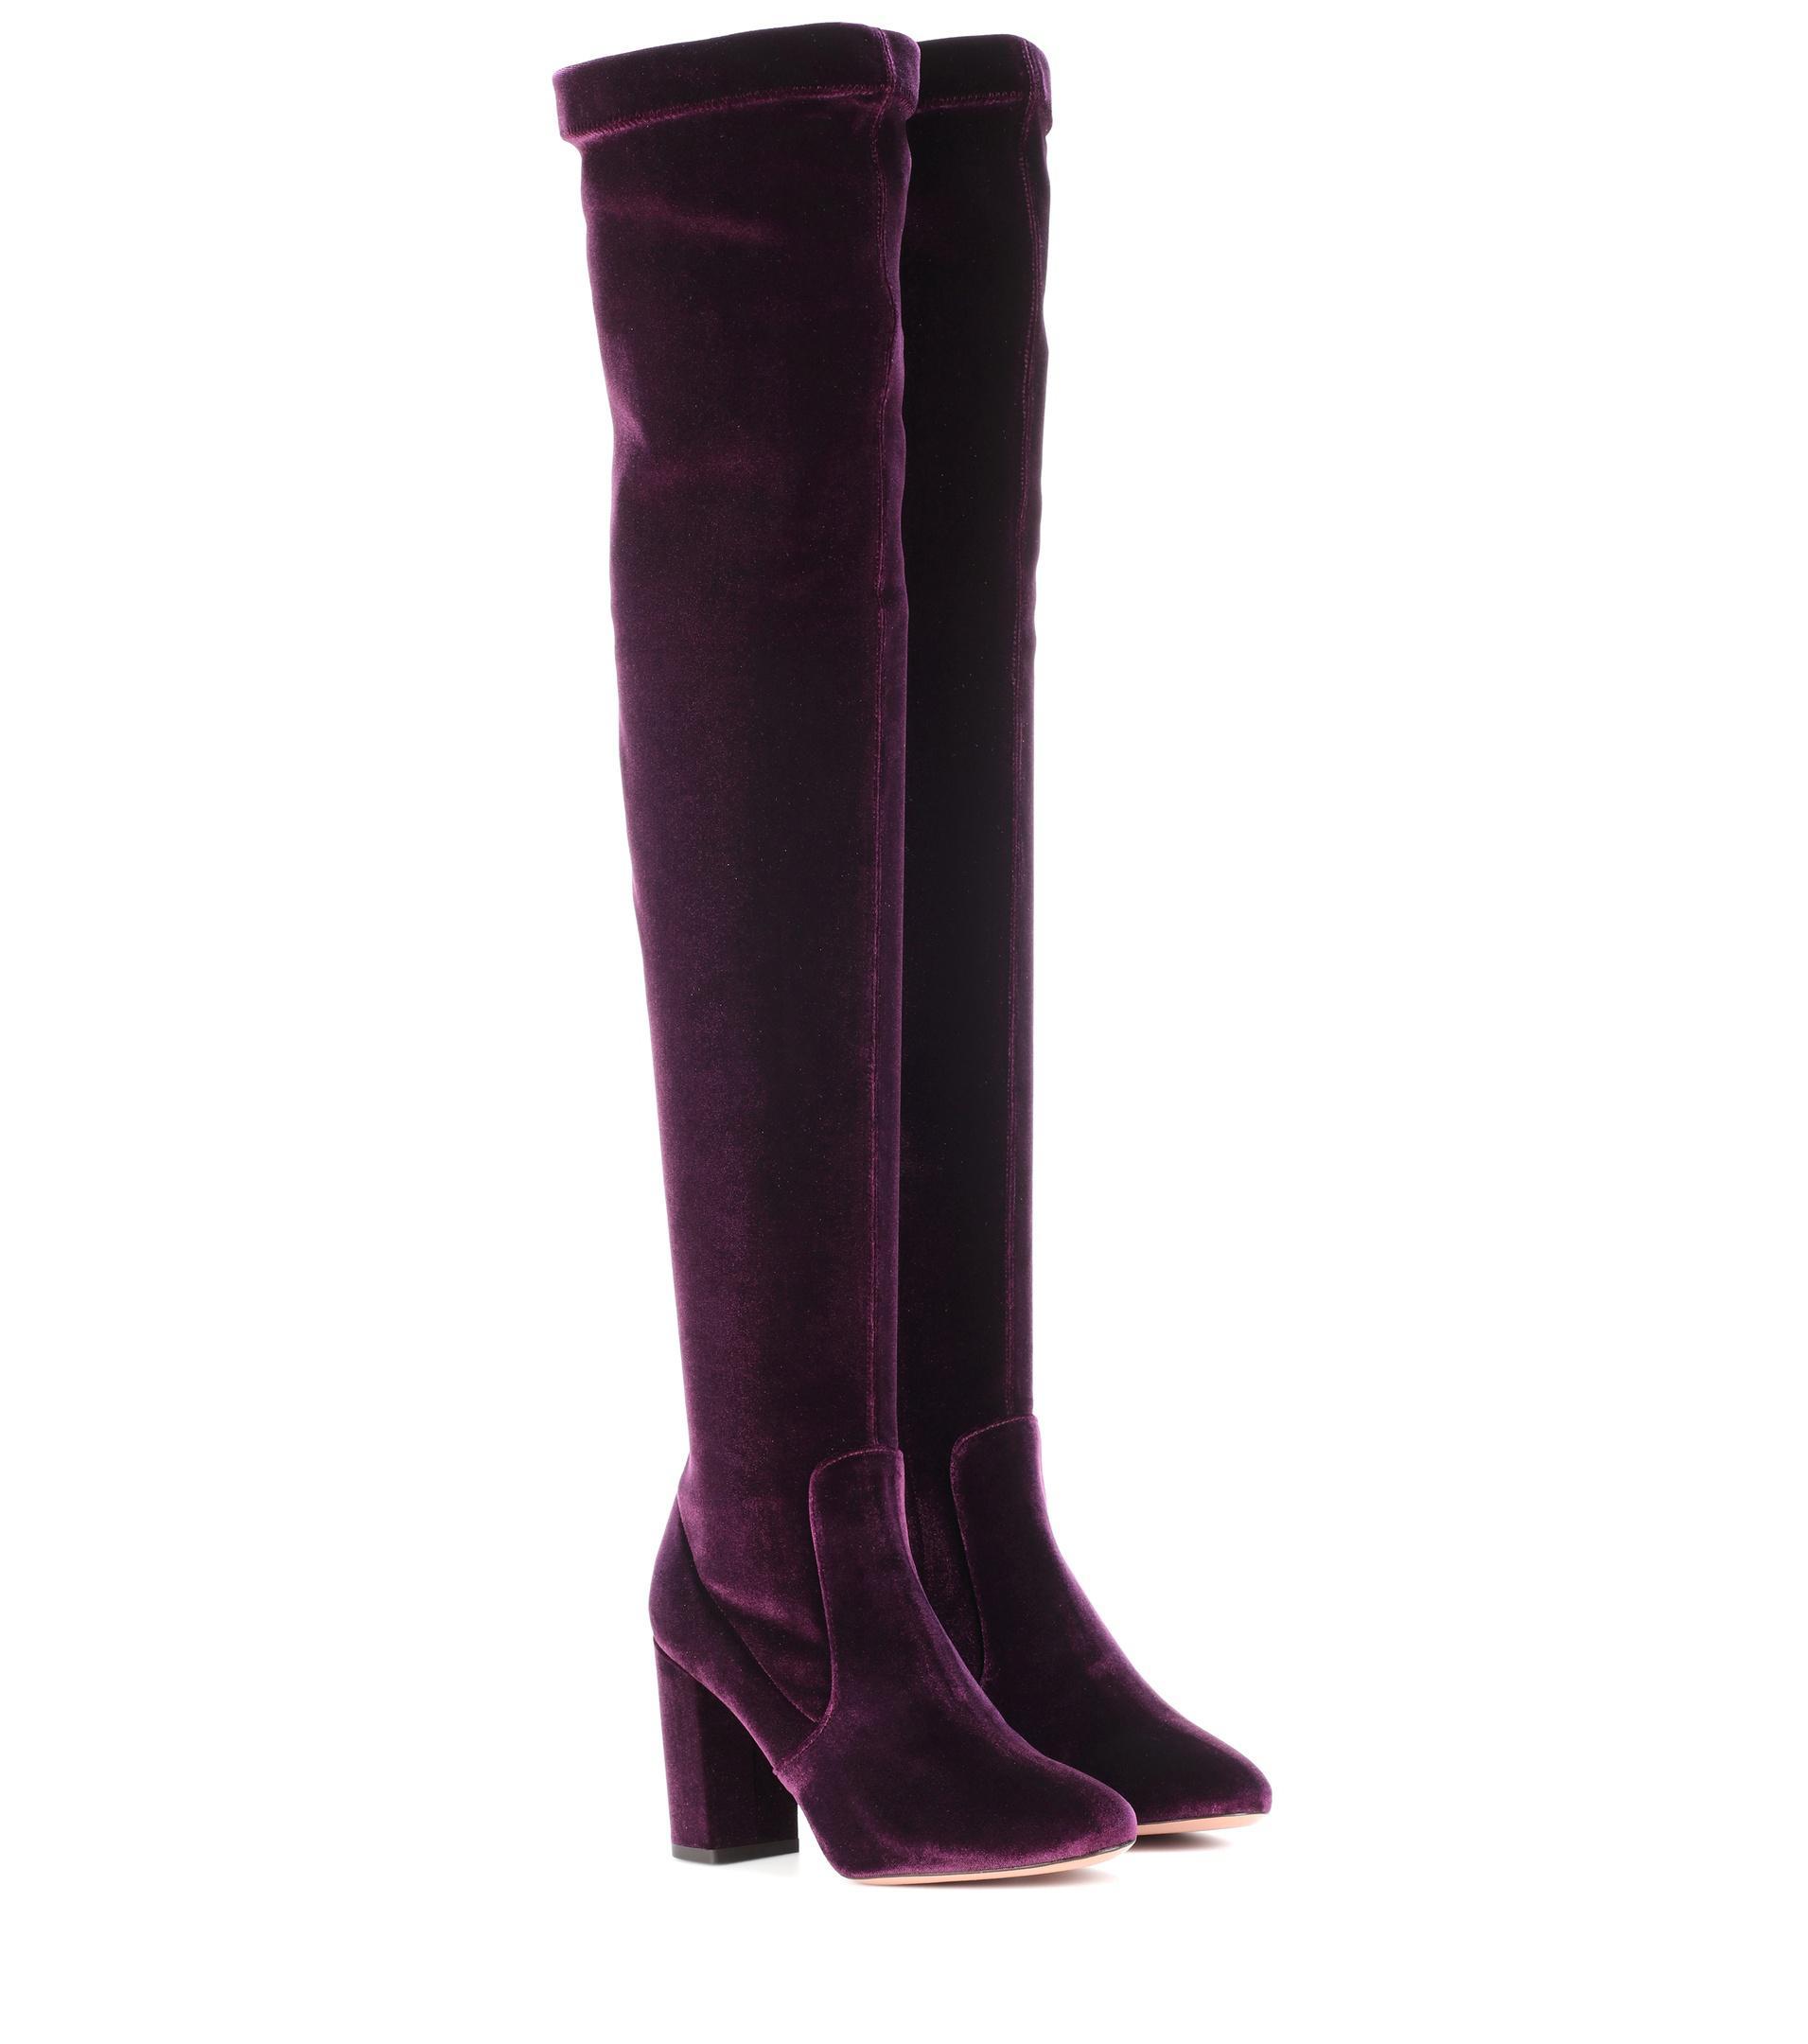 Aquazzura Violet-moi Donc 85 Cuissardes En Velours - Rose Et Violet Mv8U42